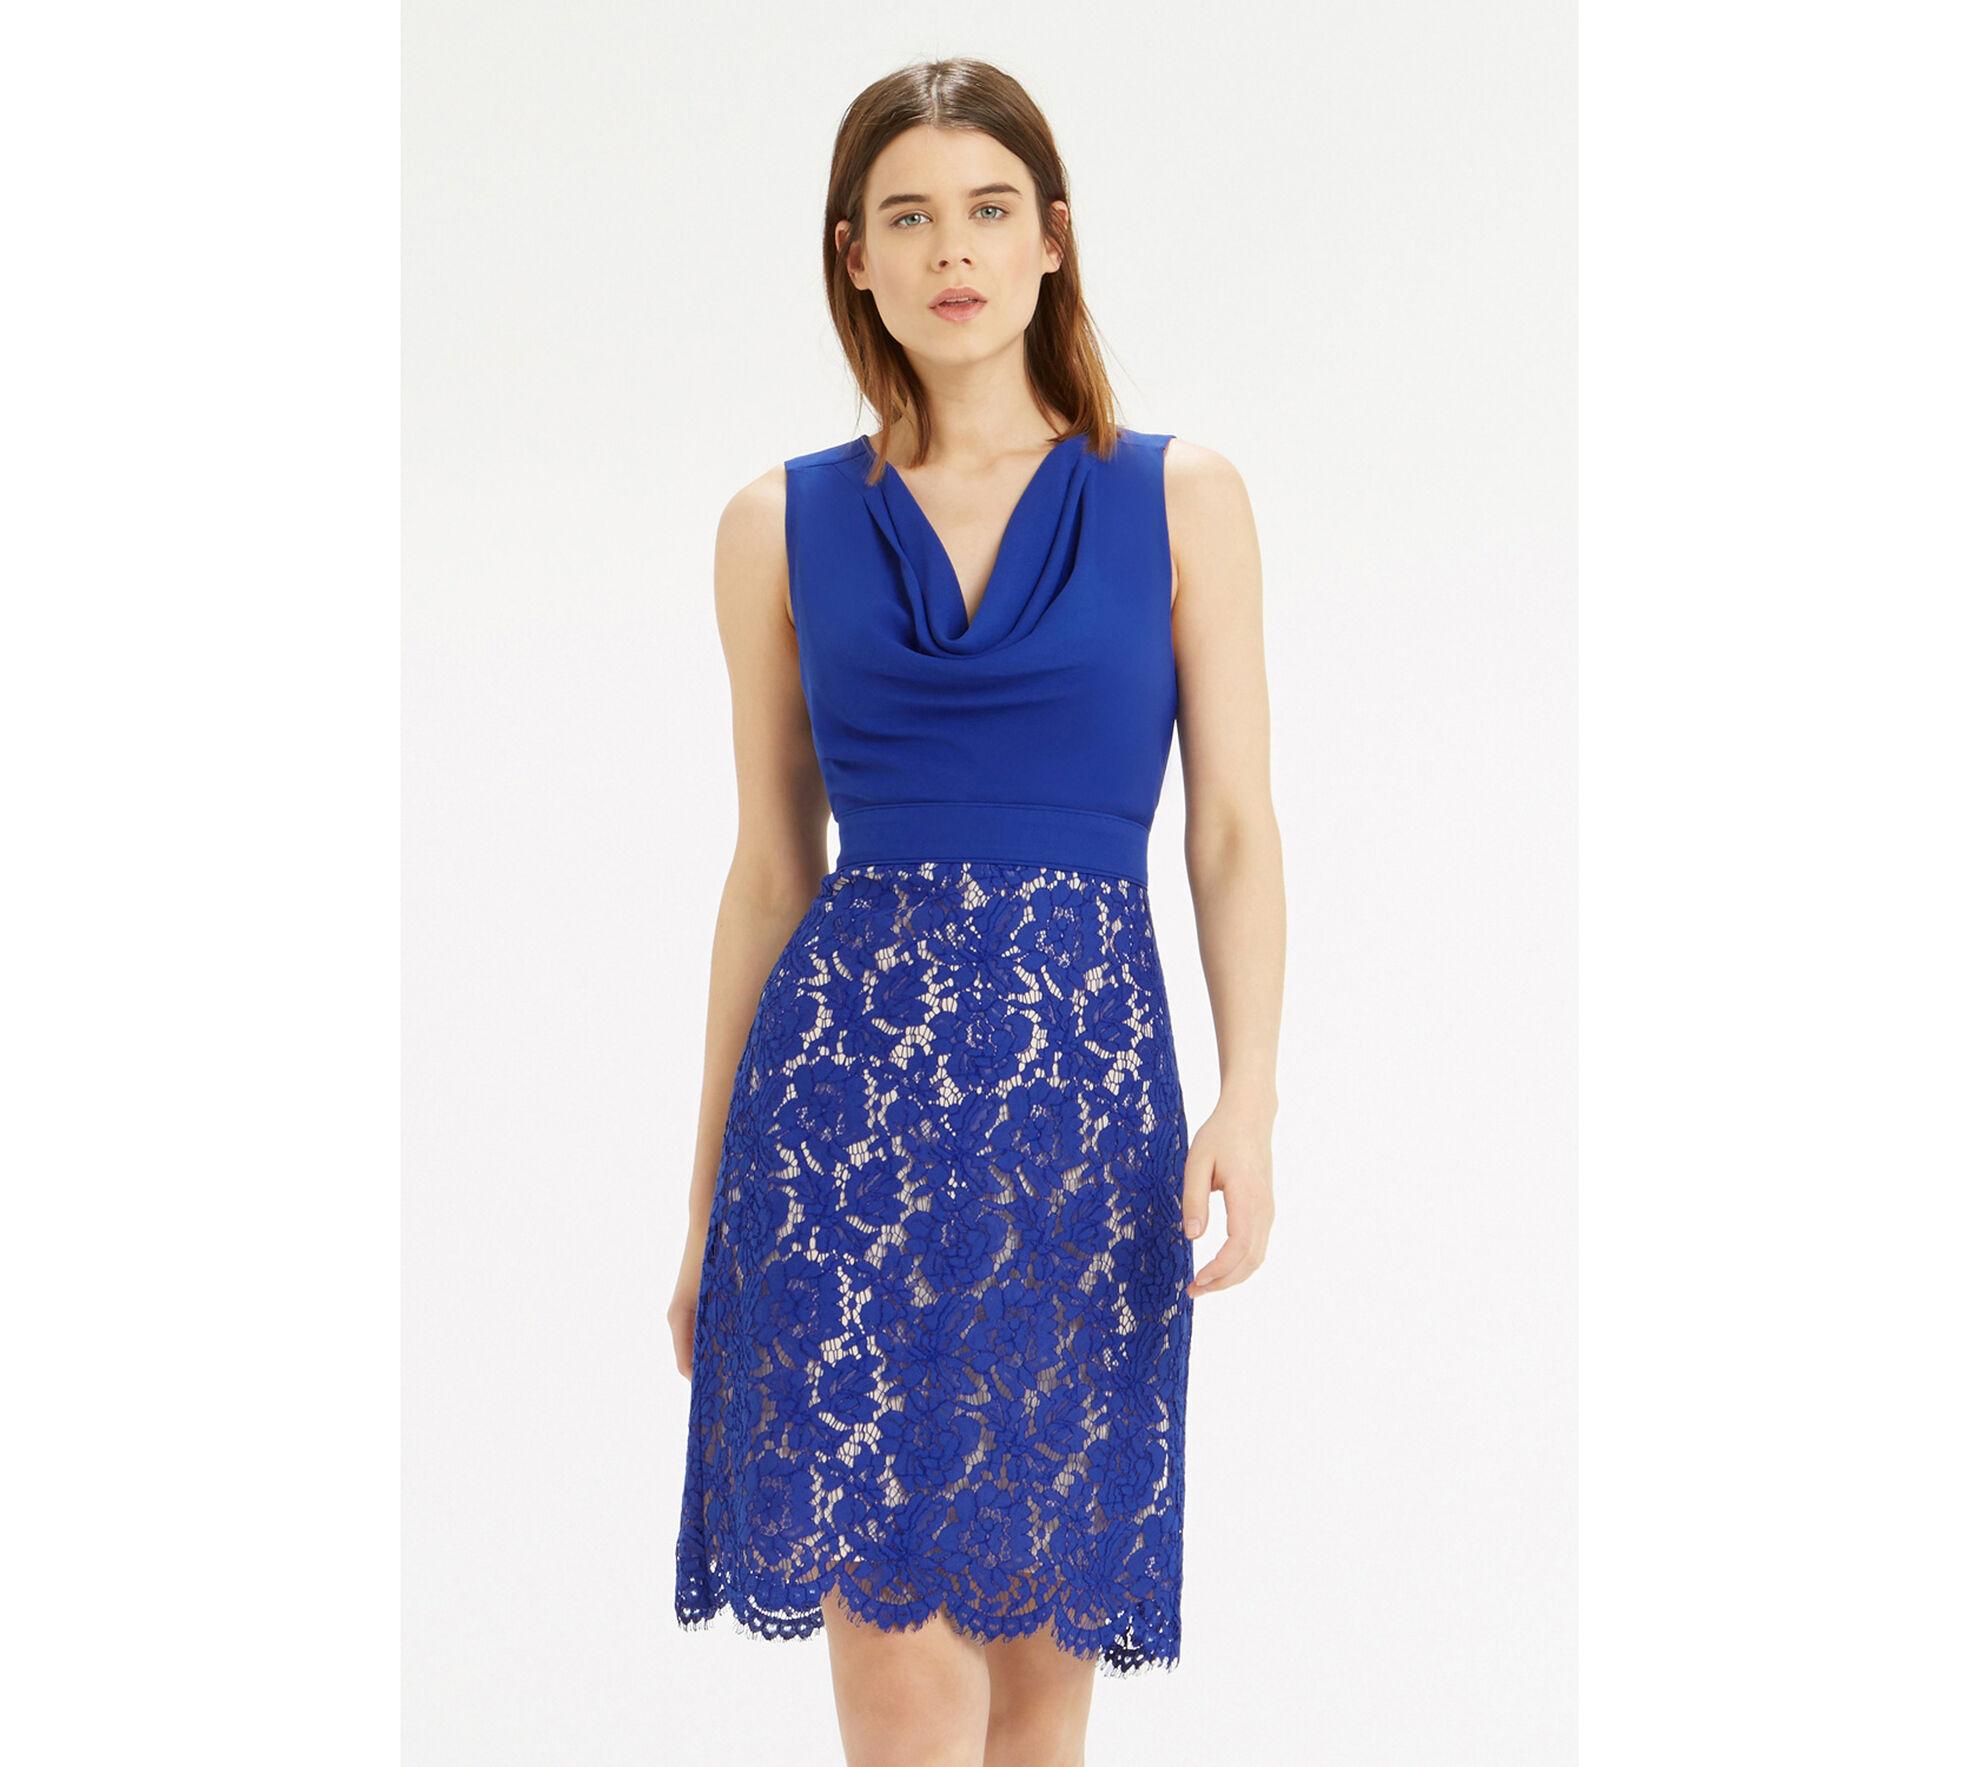 Cowl Dress: Cowl Neck Lace Pencil Dress